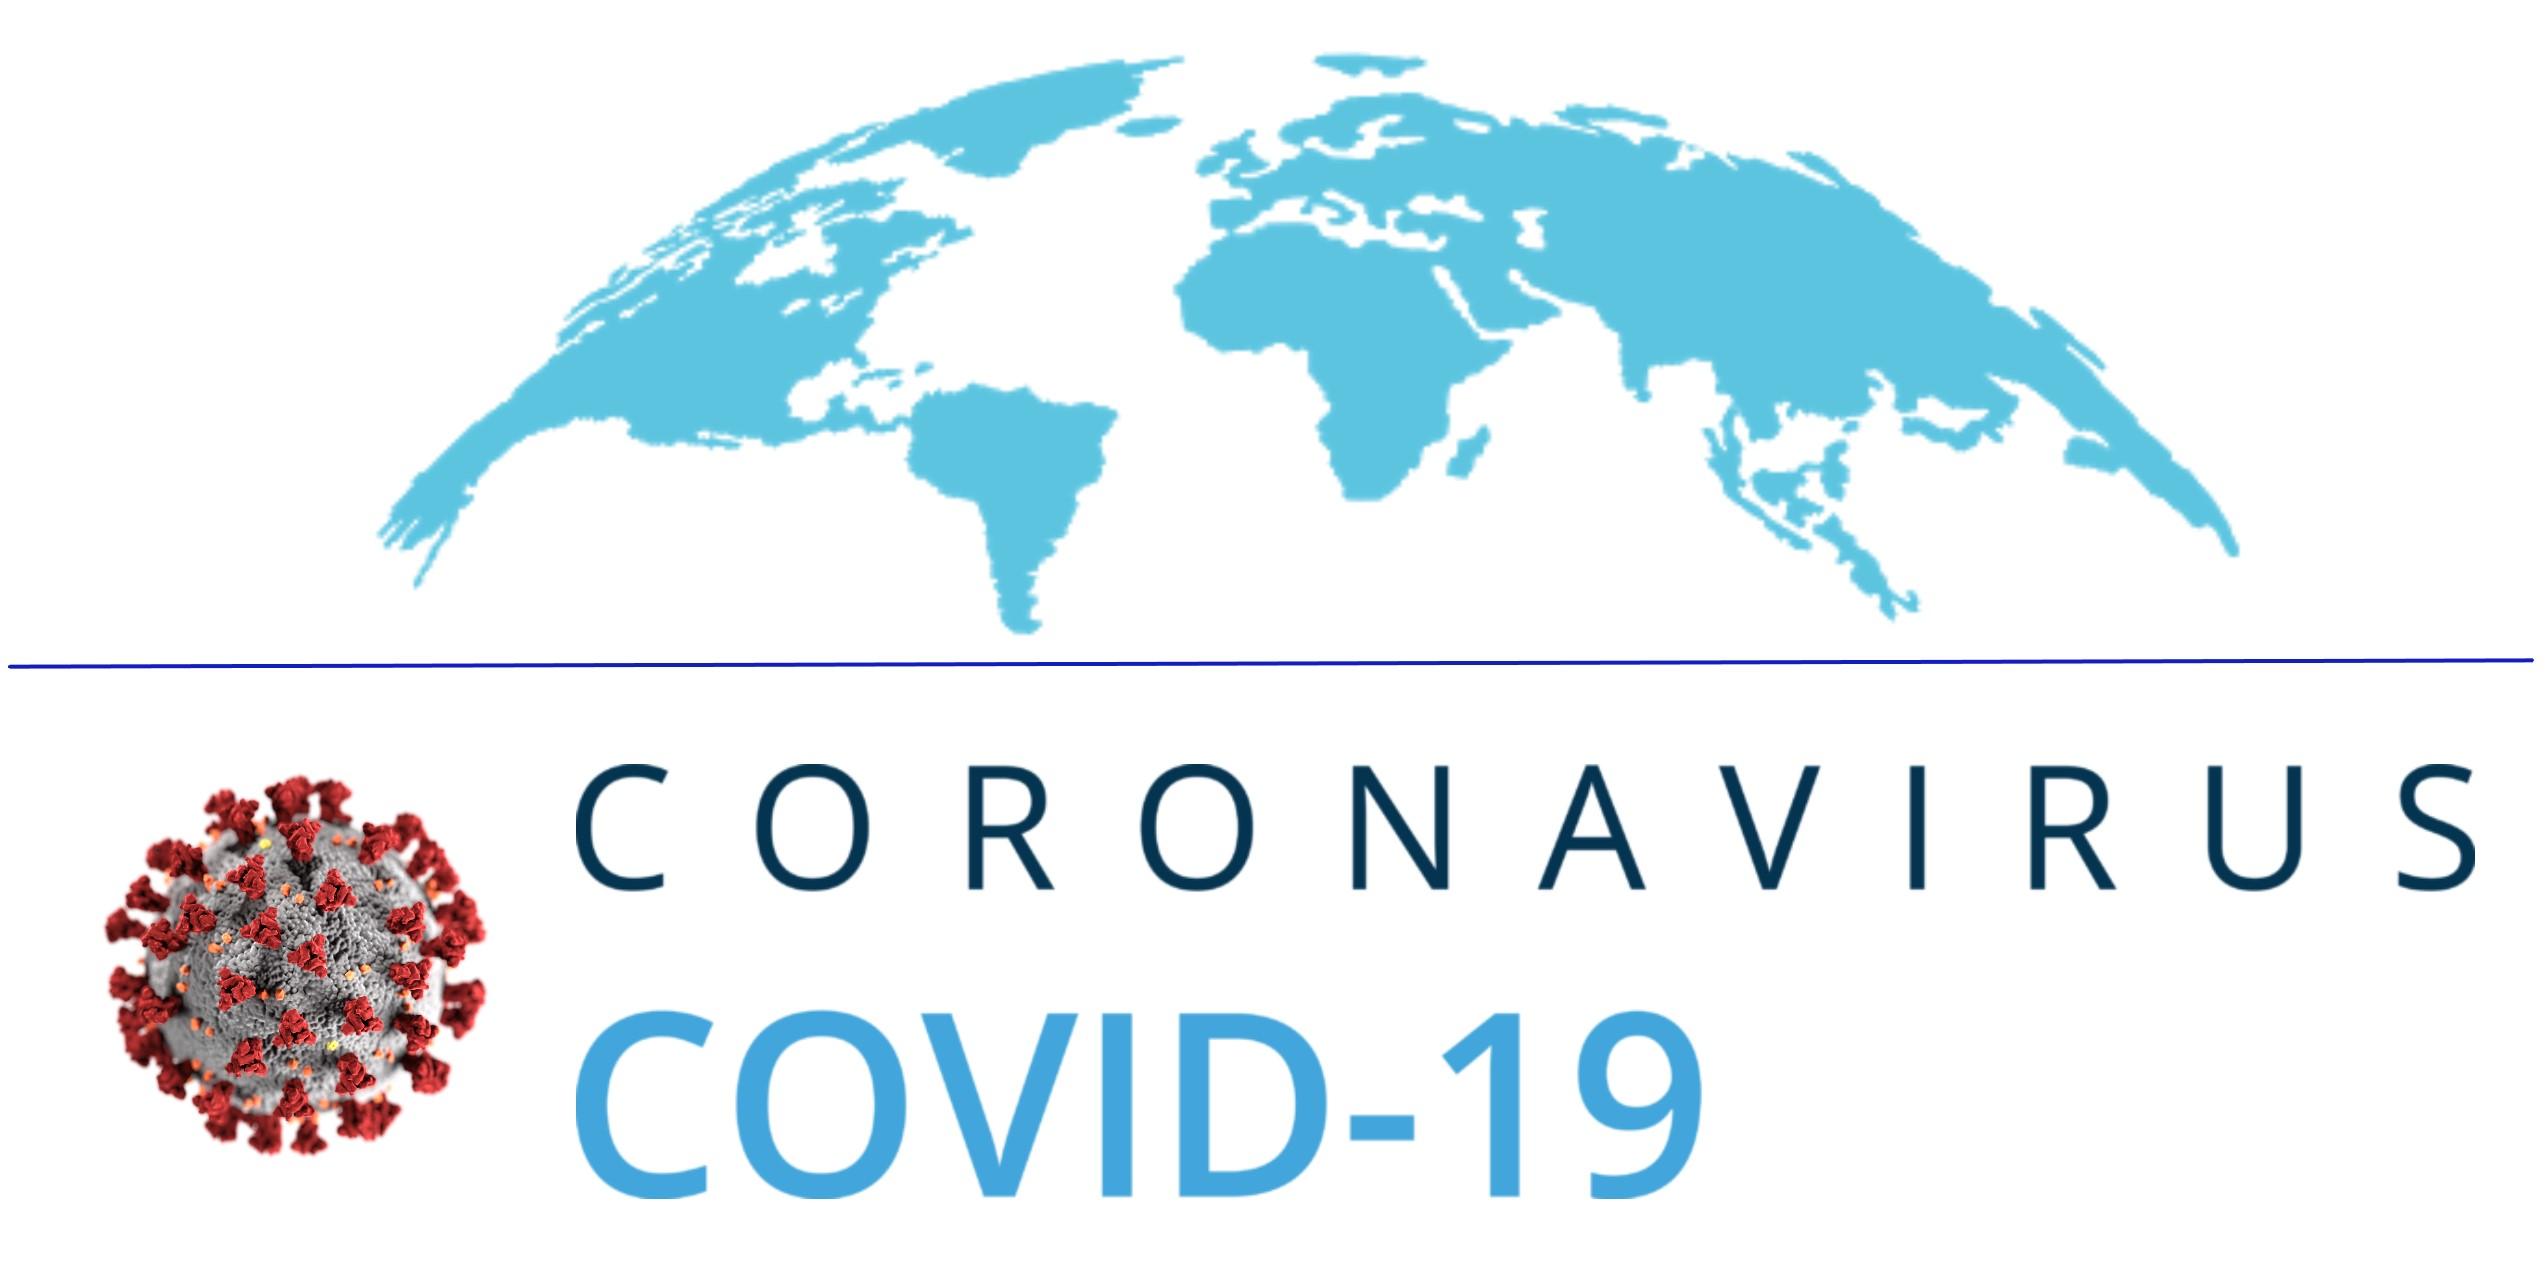 Dünya genelinde koronavirüs bilançosu açıklandı! Vaka sayısı 12 milyon 631 bini geçti